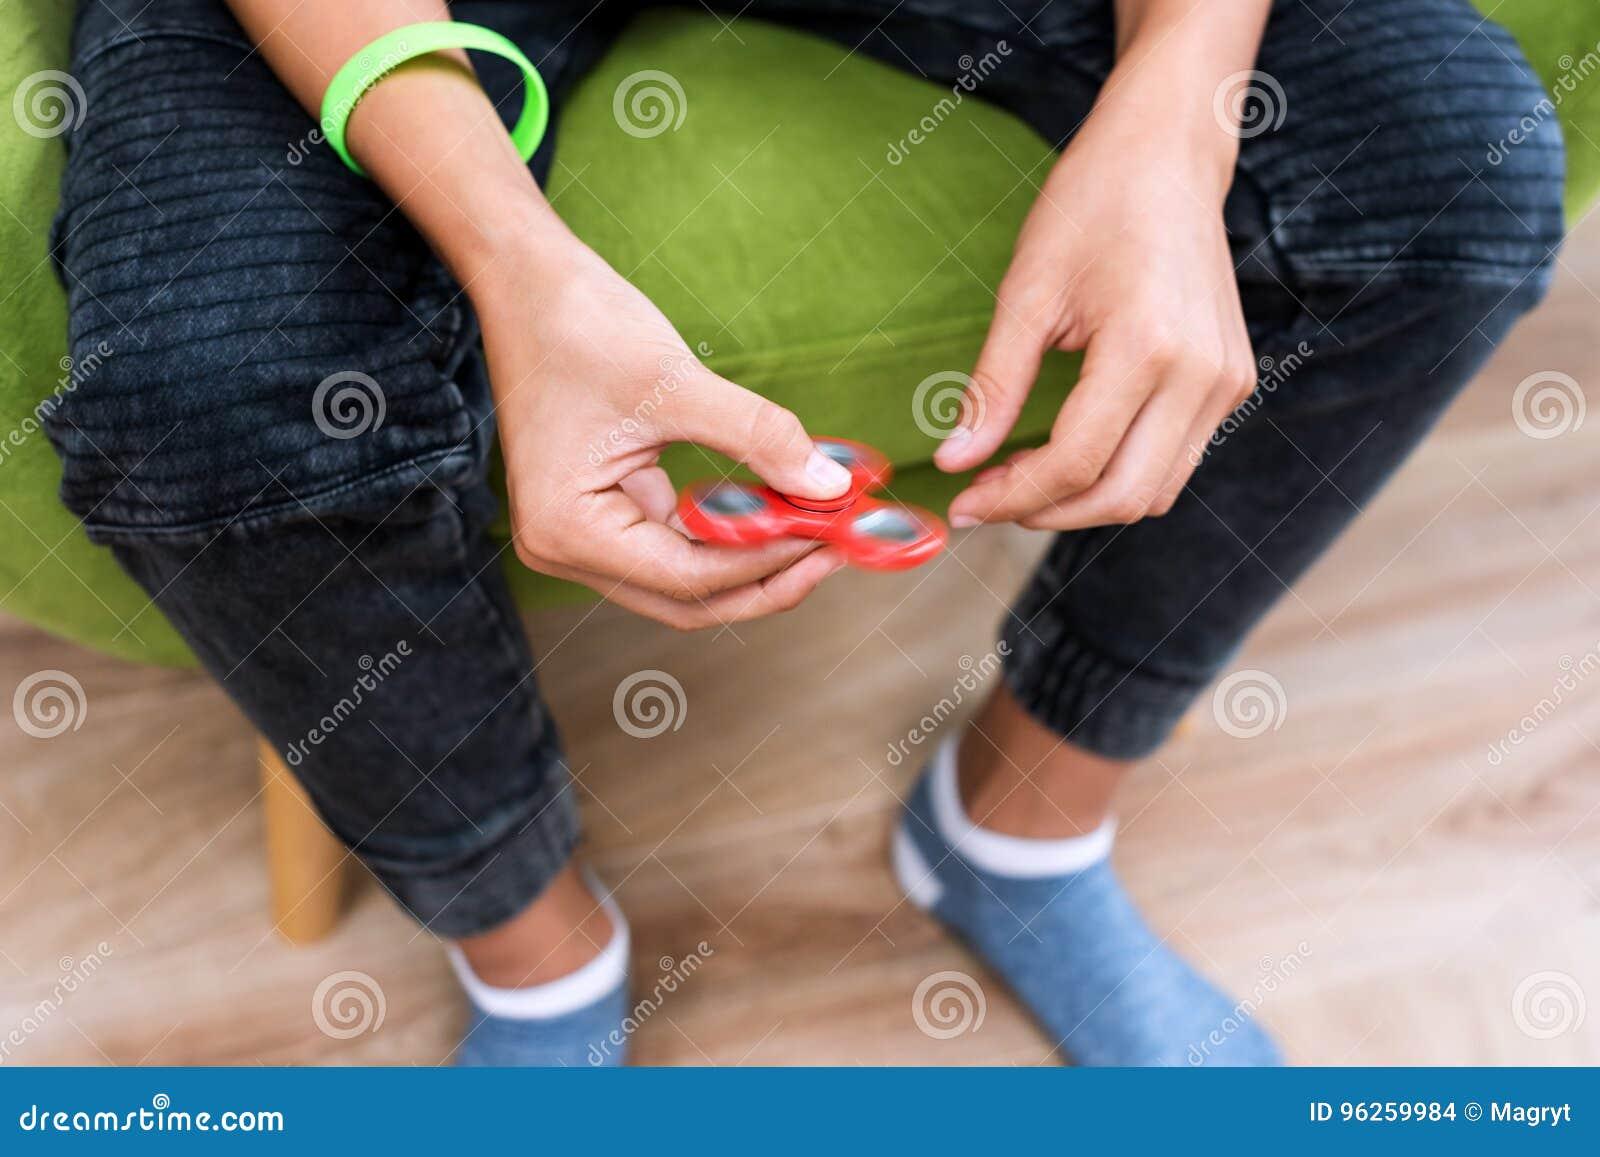 Hilandero de la persona agitada Hilandero rojo de la mano, juguete de la mano que inquieta que gira en la mano del ` s del niño A